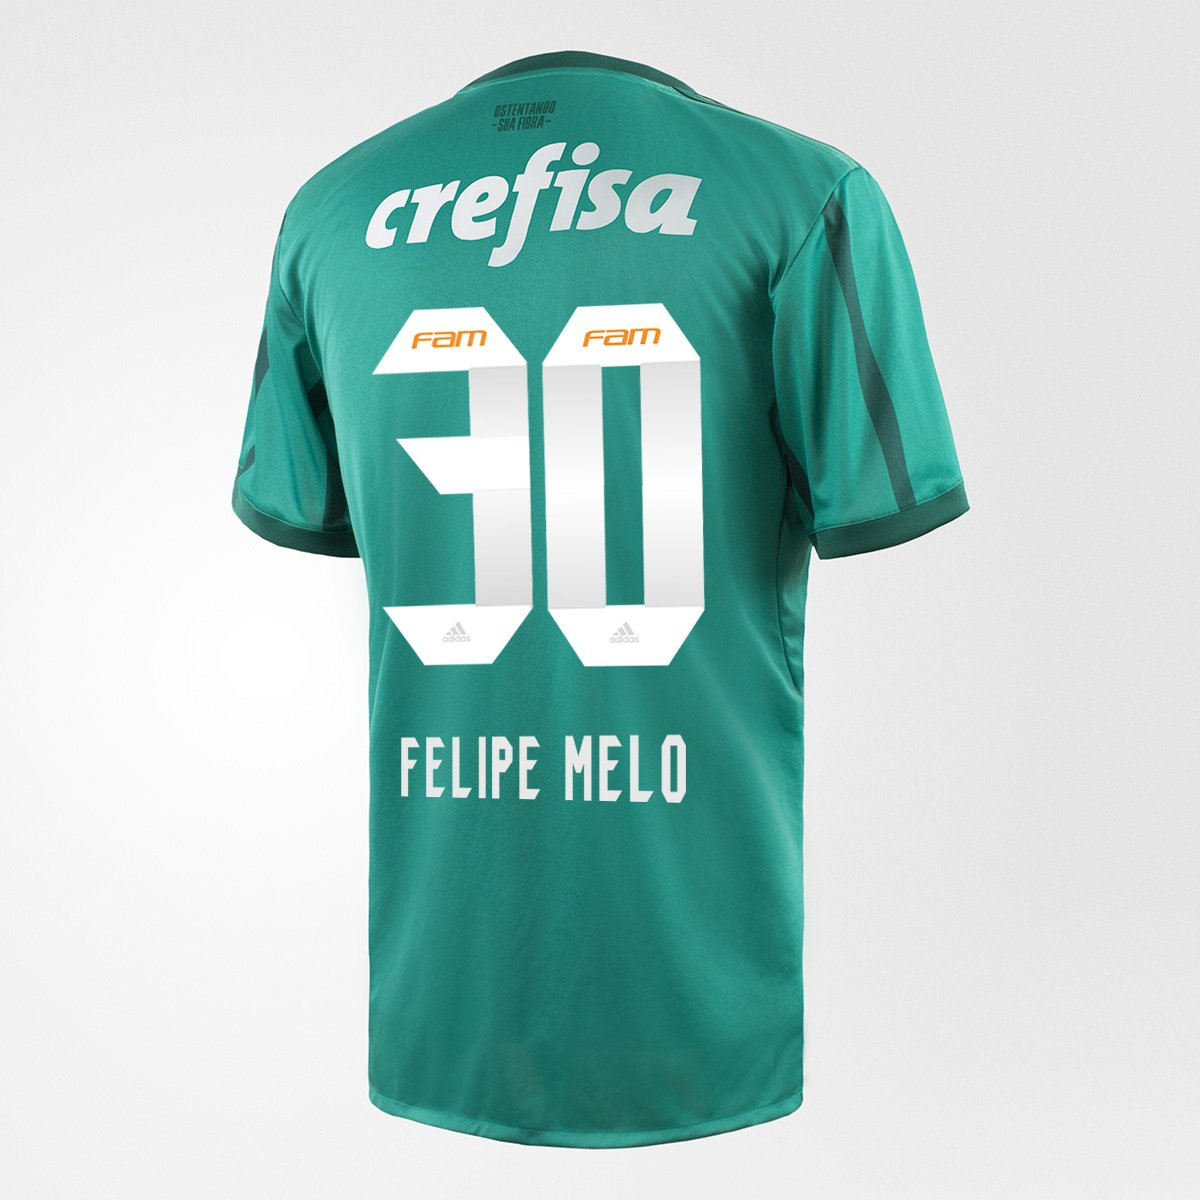 Camisa Adidas Palmeiras I 17 18 N° 30 - Felipe Melo - Compre Agora ... 003182367c6c4